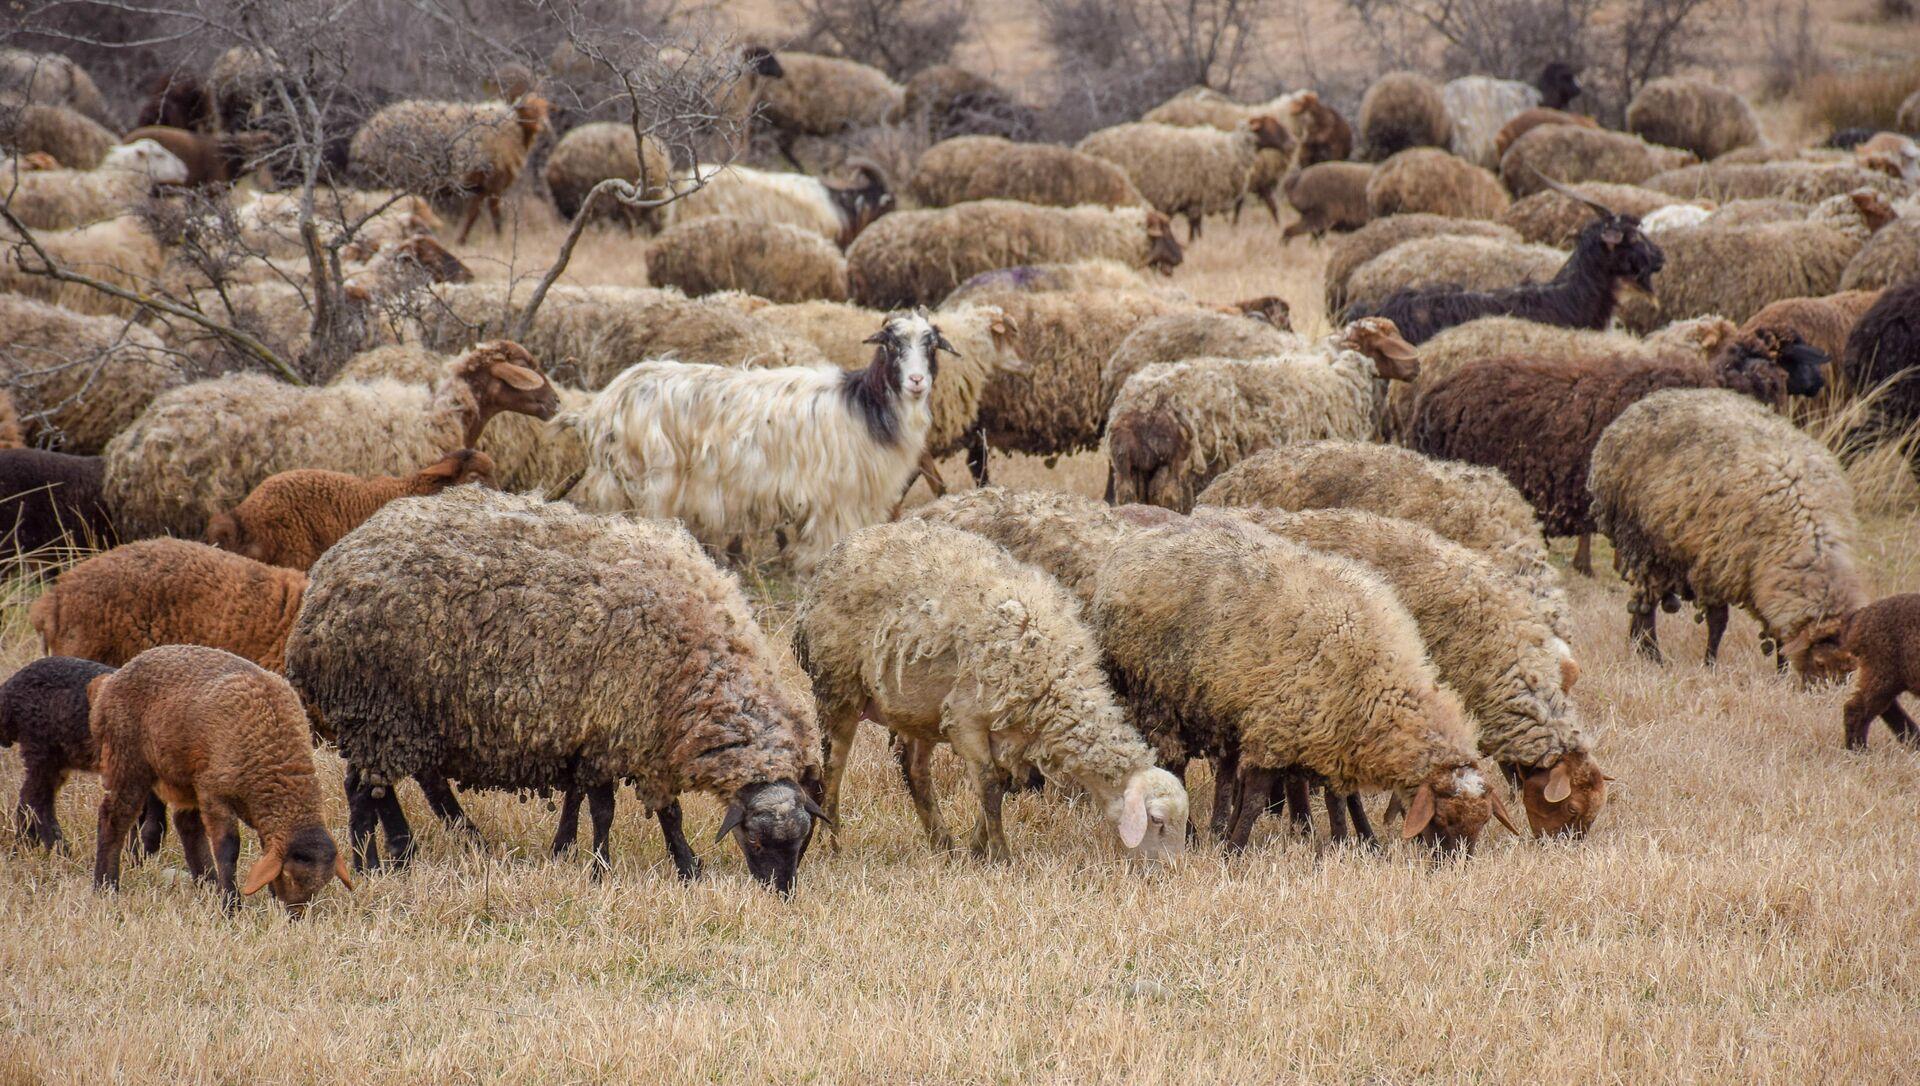 Ceyrançöl düzündə yaşayan çobanlar - Sputnik Азербайджан, 1920, 17.09.2021